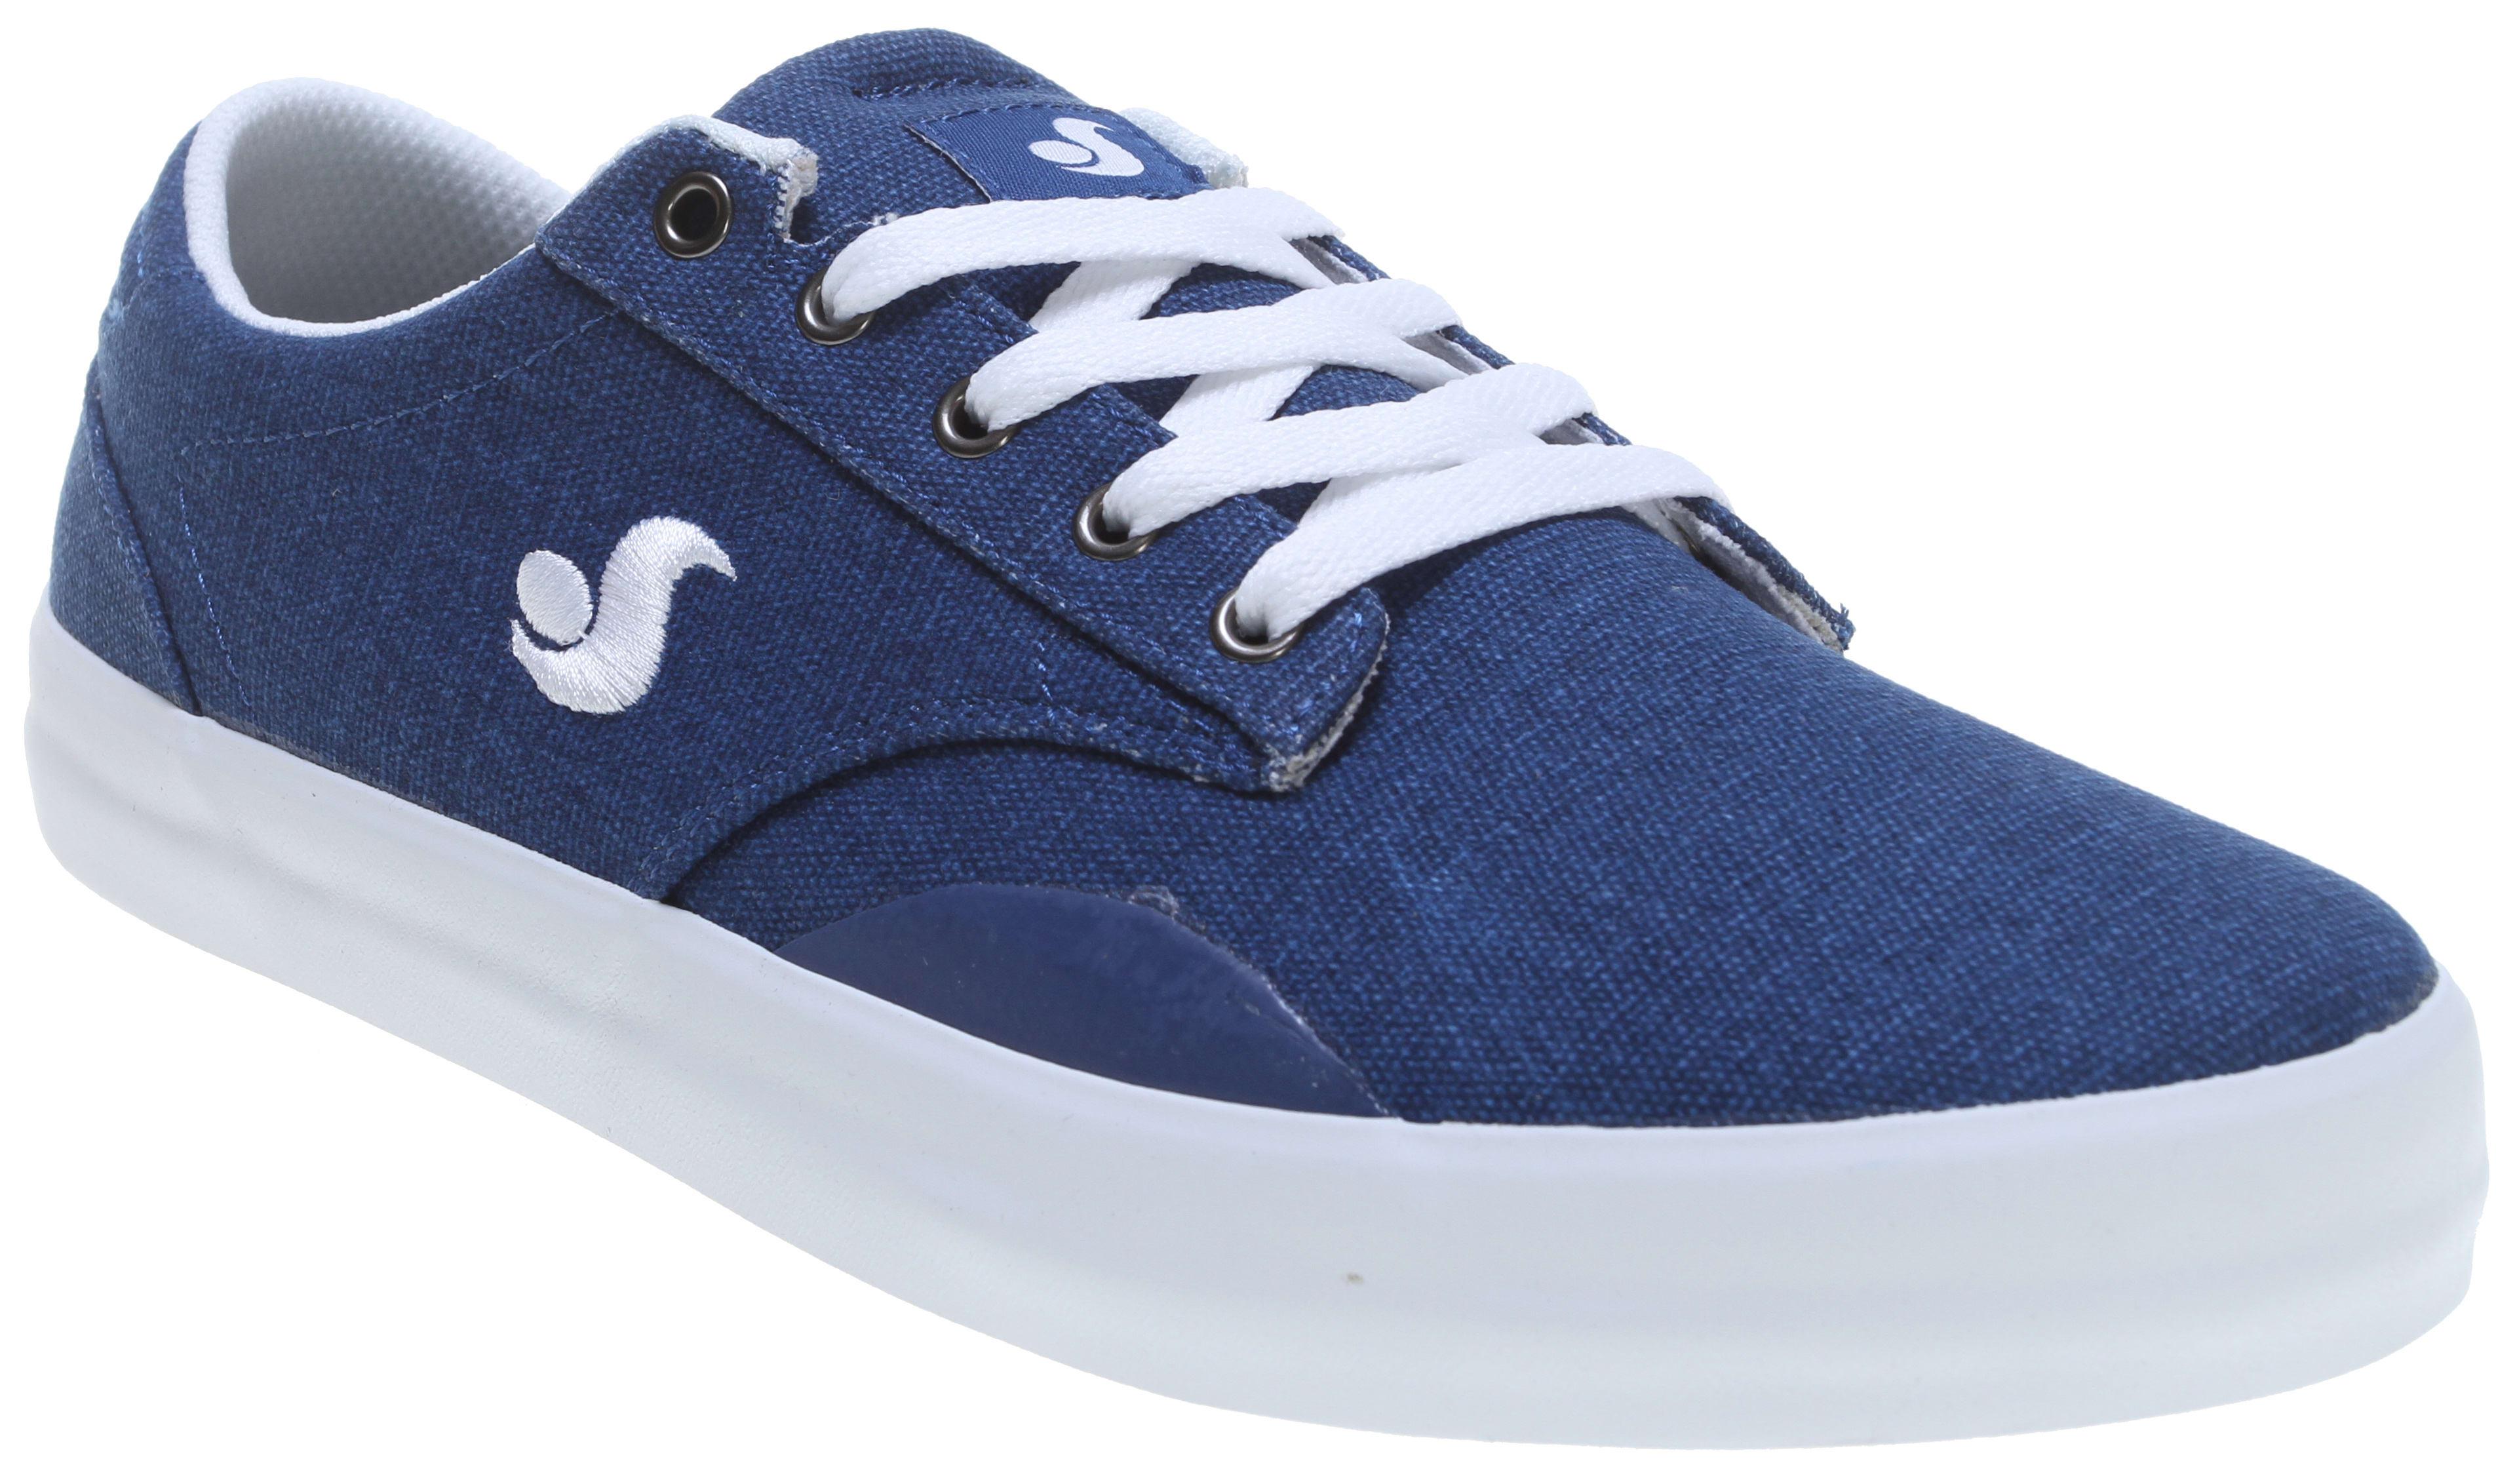 Preturi Pantofi Sport Adidas Shoes For Women Adidas Db0284